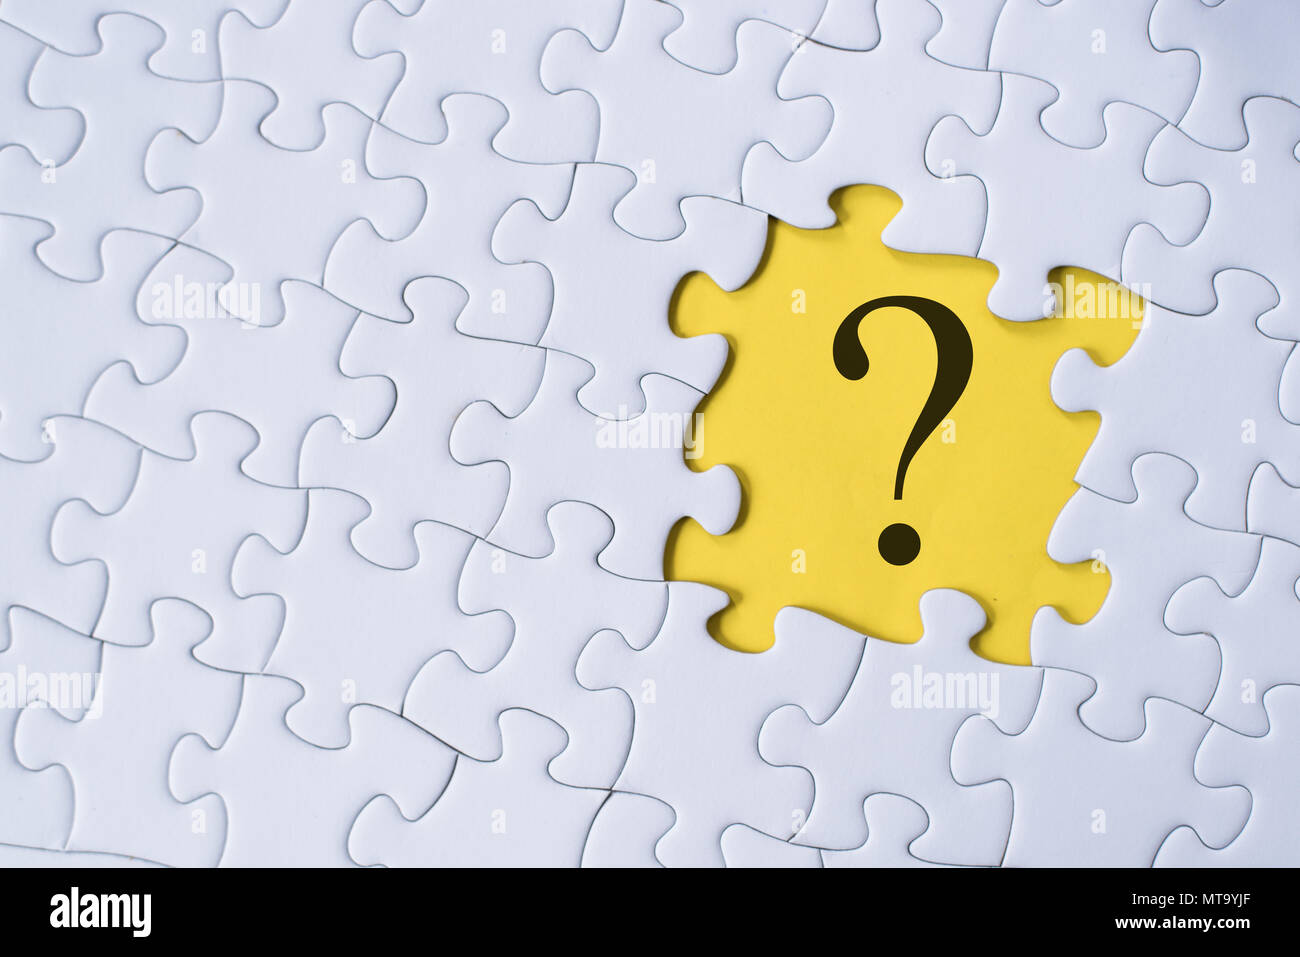 Fragezeichen auf Puzzle mit gelbem Hintergrund. Frage, faq und Q&A-Konzept Stockbild